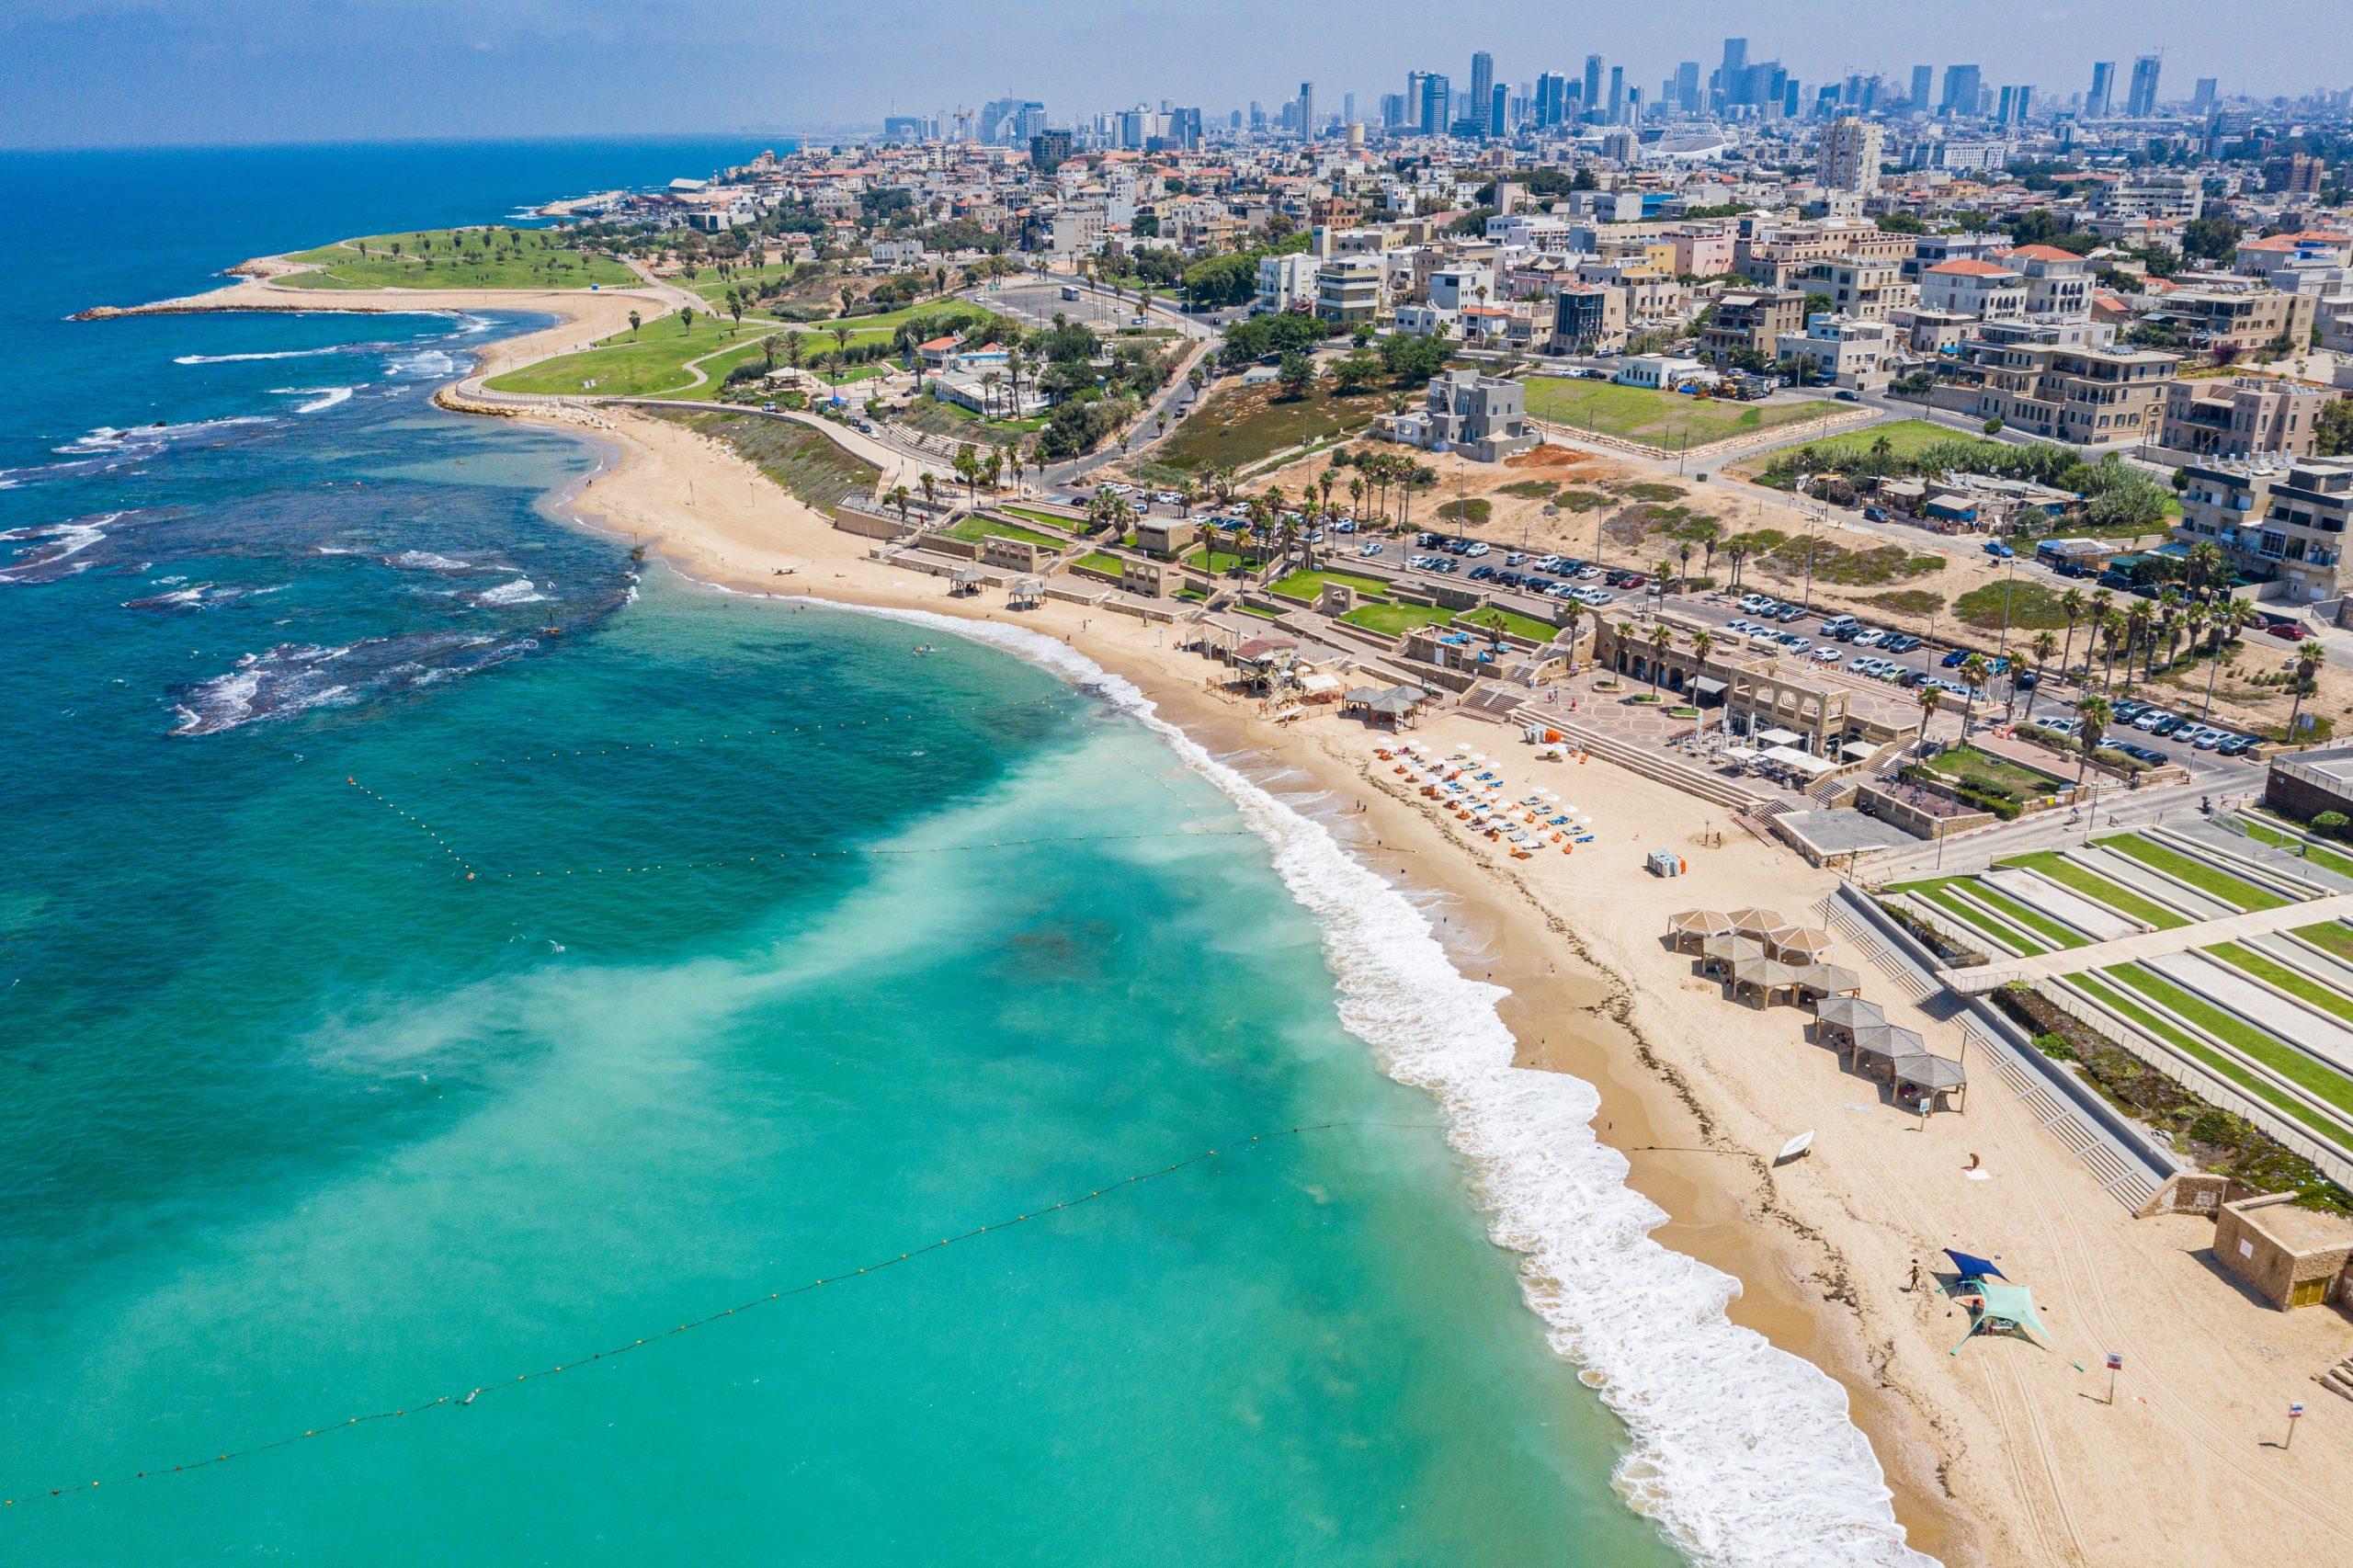 חוף גבעת עלייה